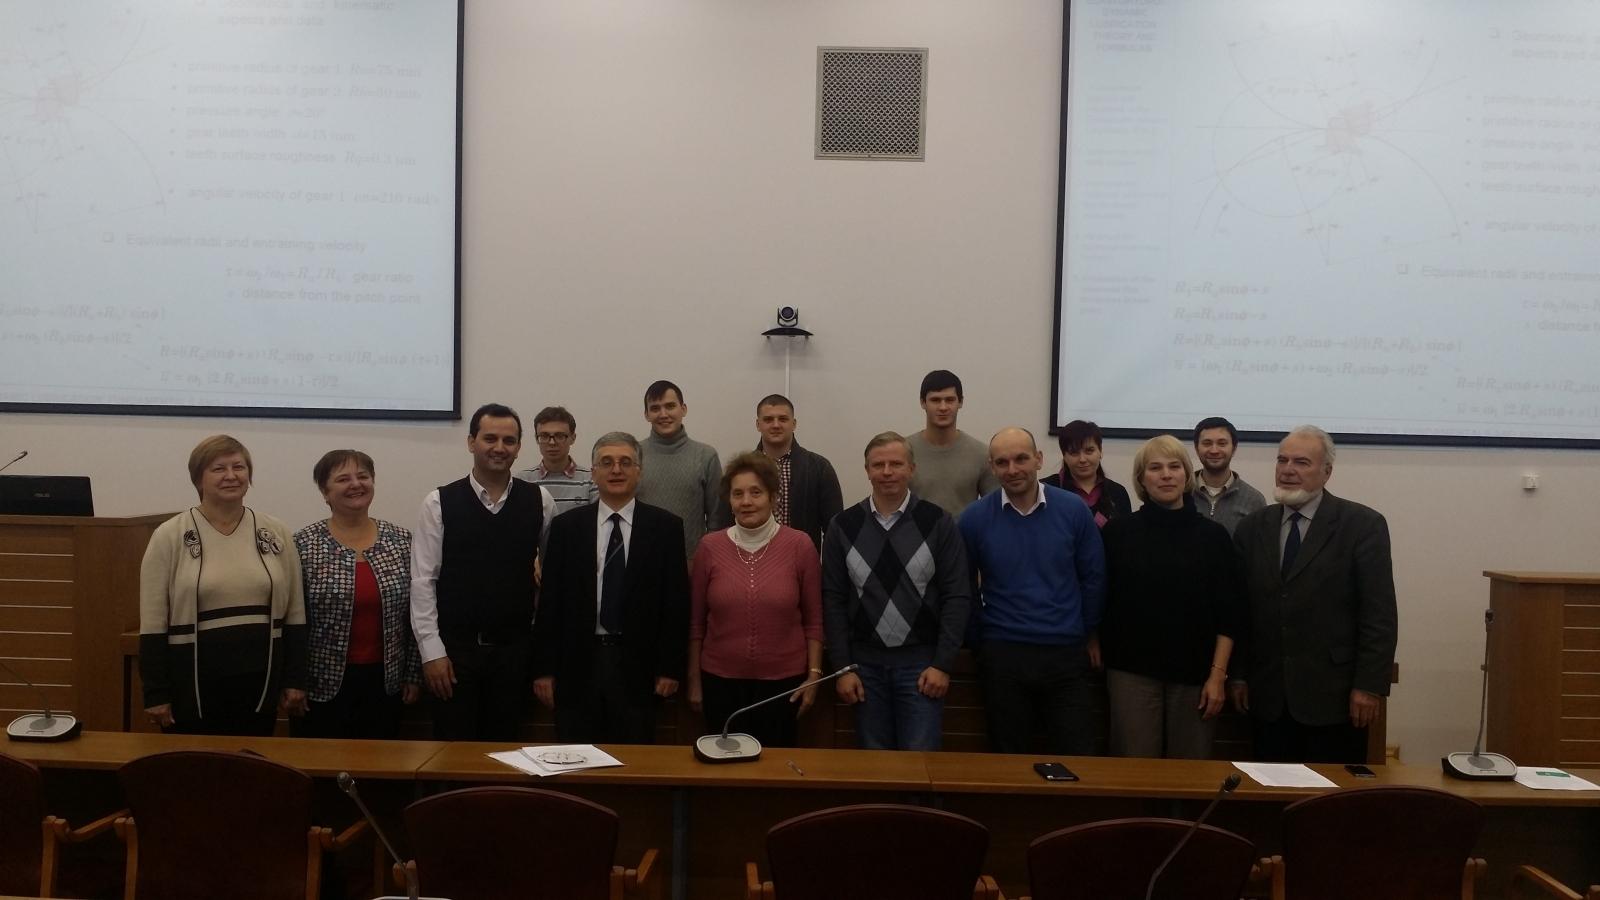 Встреча с Ведущим учёным Италии по трибологии, д.т.н., профессором Пизанского Университета.